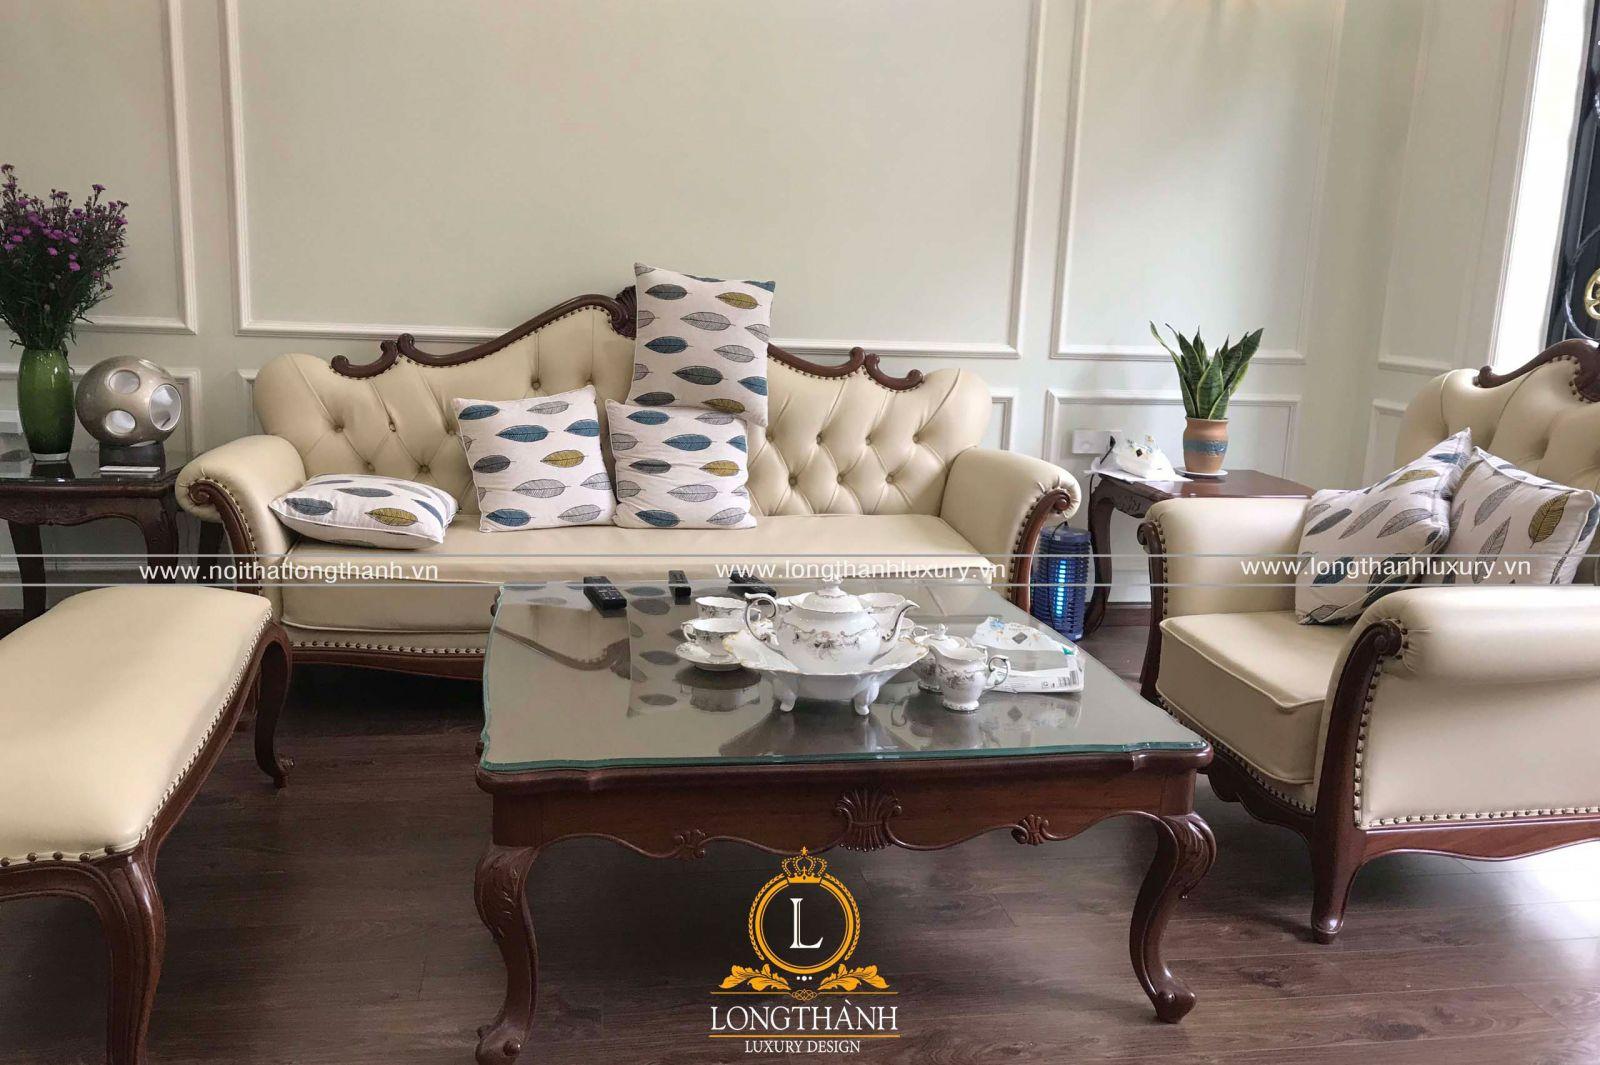 Mẫu sofa tân cổ điển được trưng bày tại đại lý của Long Thành